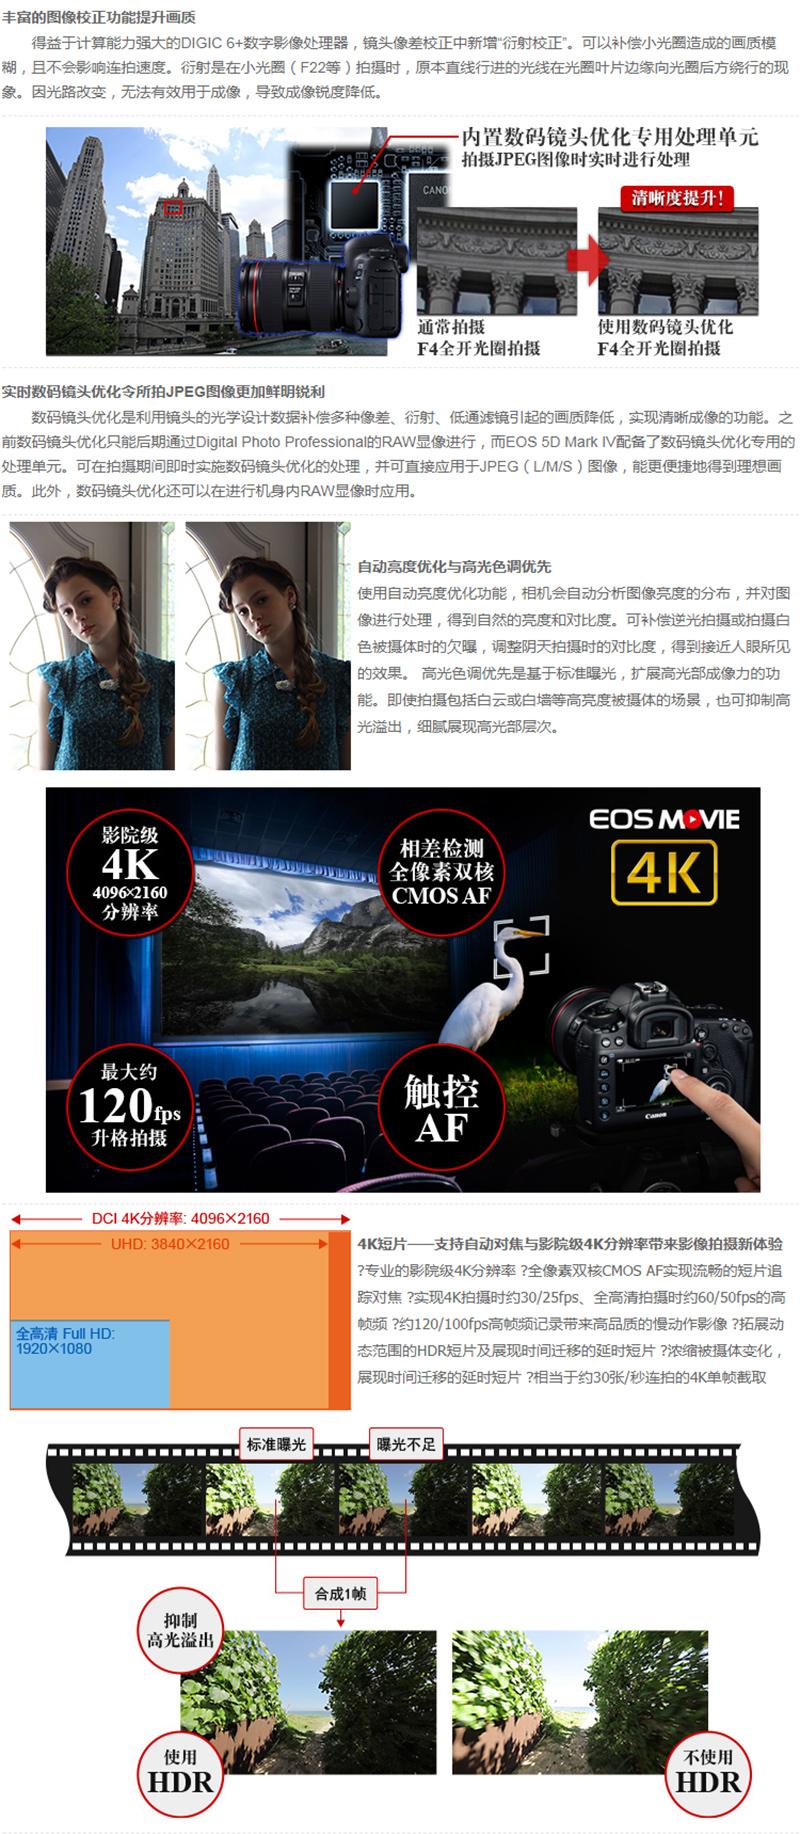 佳能(Canon)EOS 5D Mark IV 套机(EF 24-70mm f/4L IS USM) 单反相机